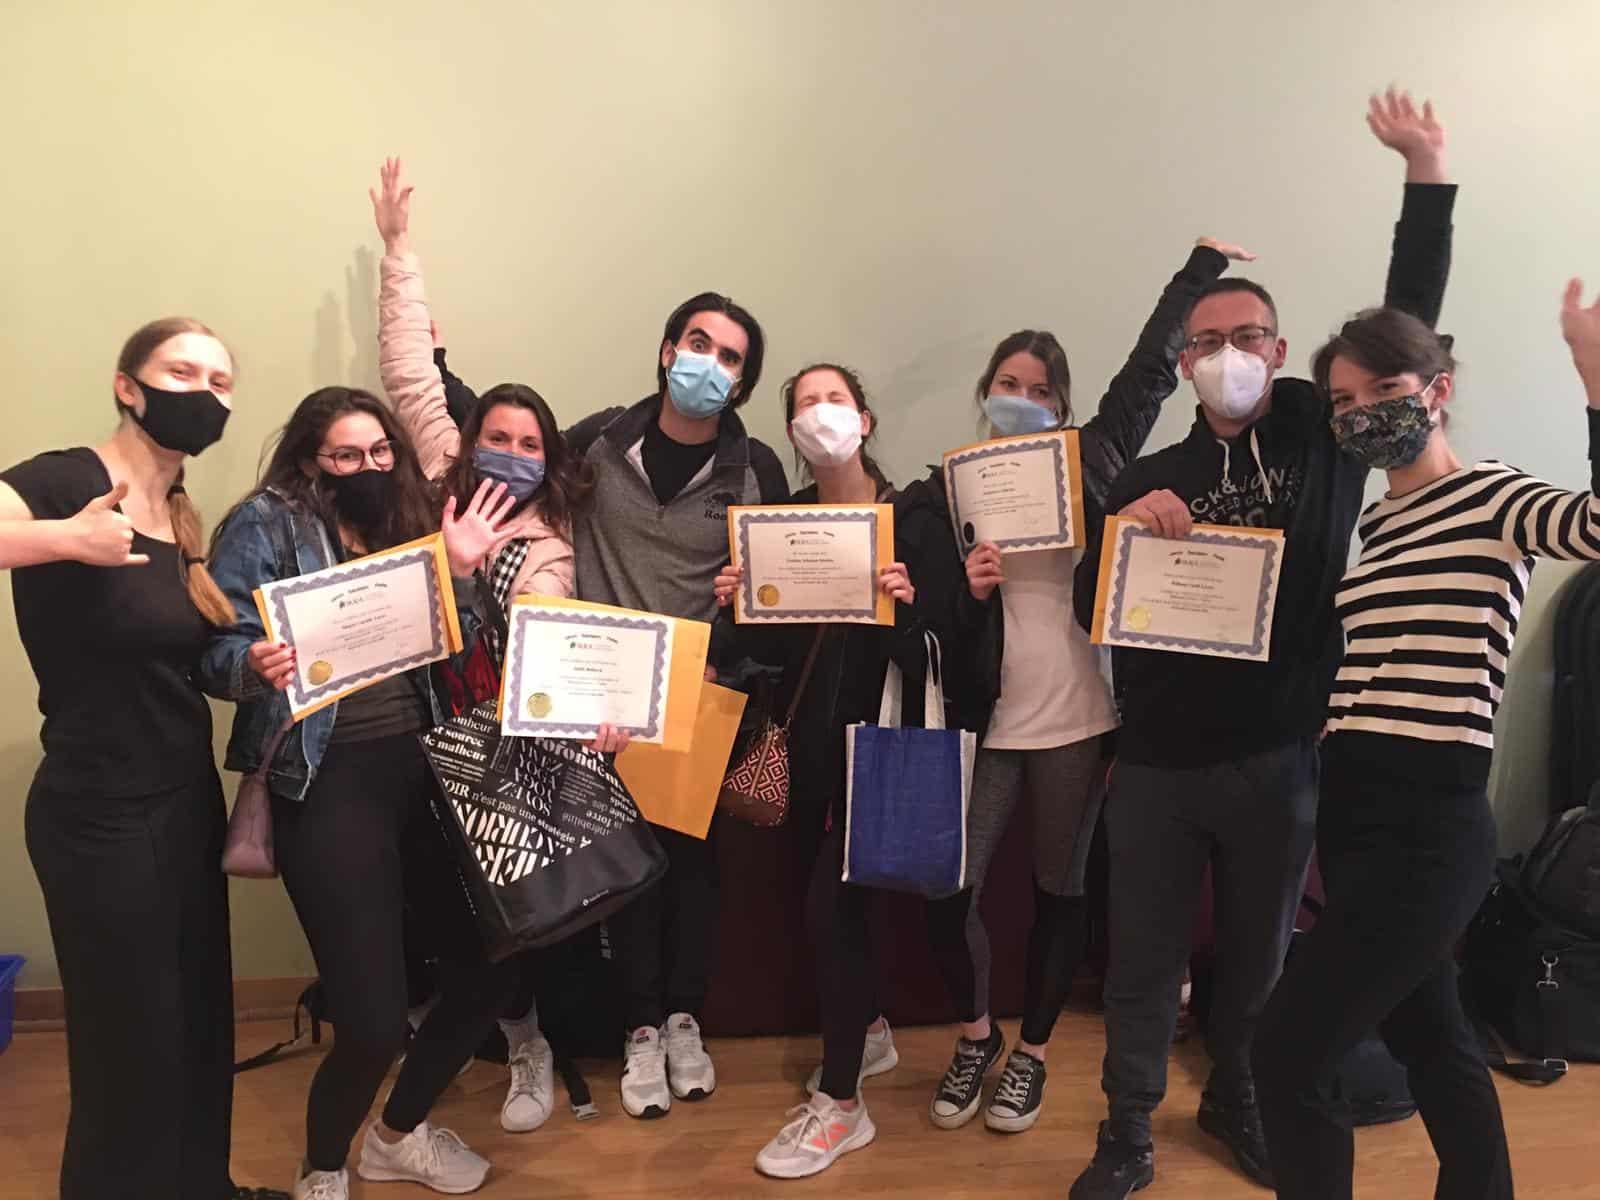 Les diplômés en mobilisation passive ont reçu leur diplôme de l'académie de massothérapie IKRA